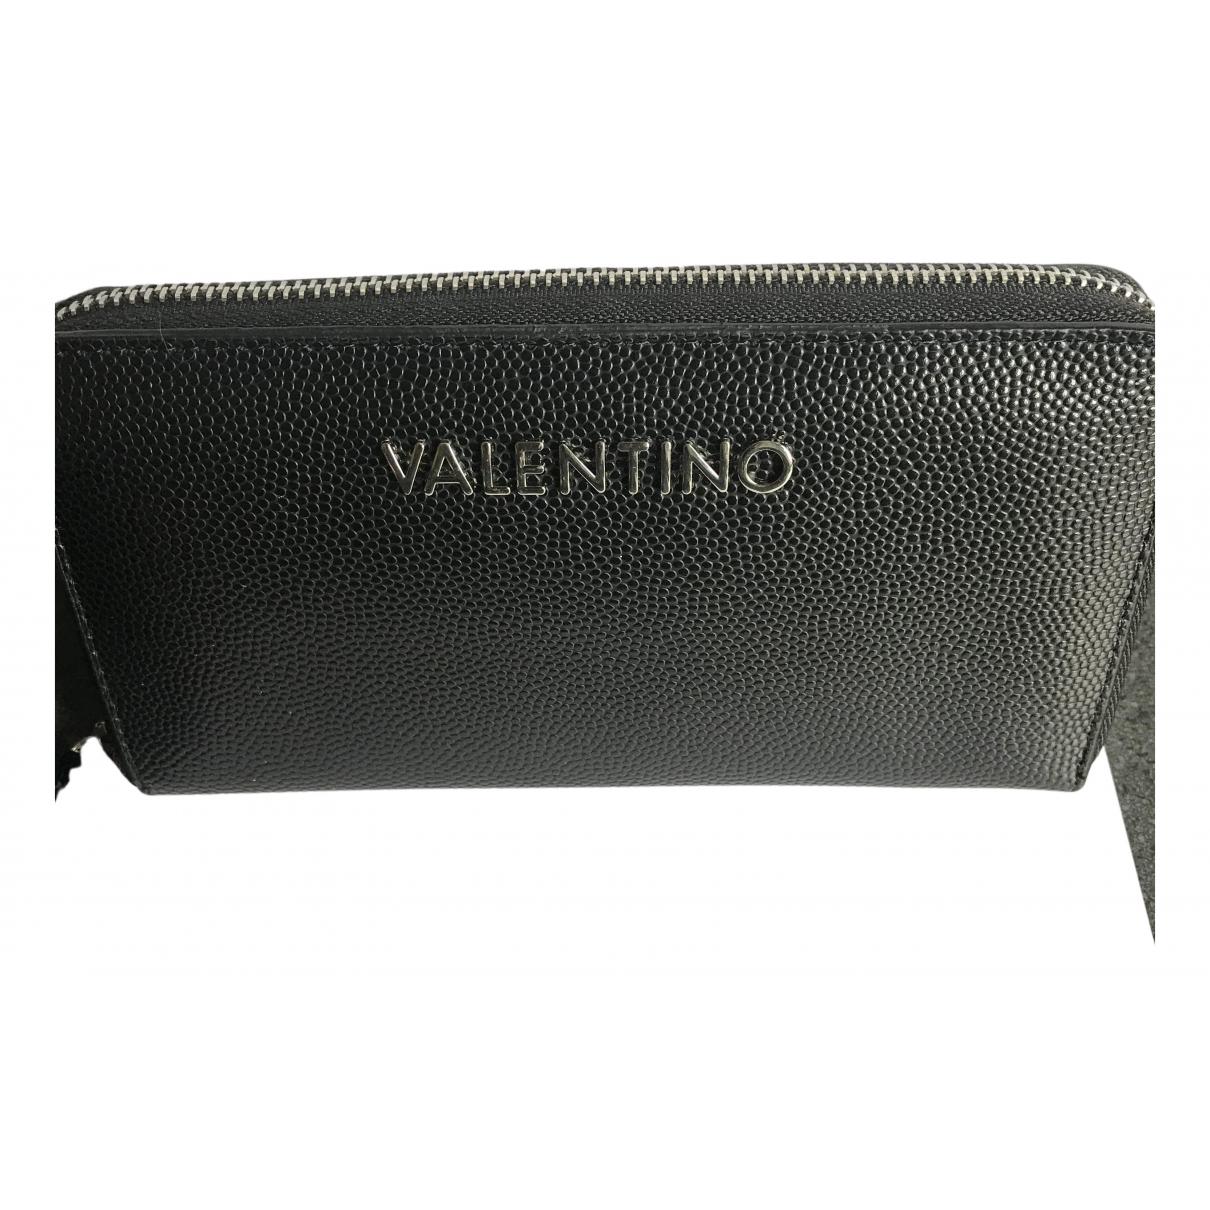 Valentino Garavani \N Portemonnaie in  Schwarz Leder